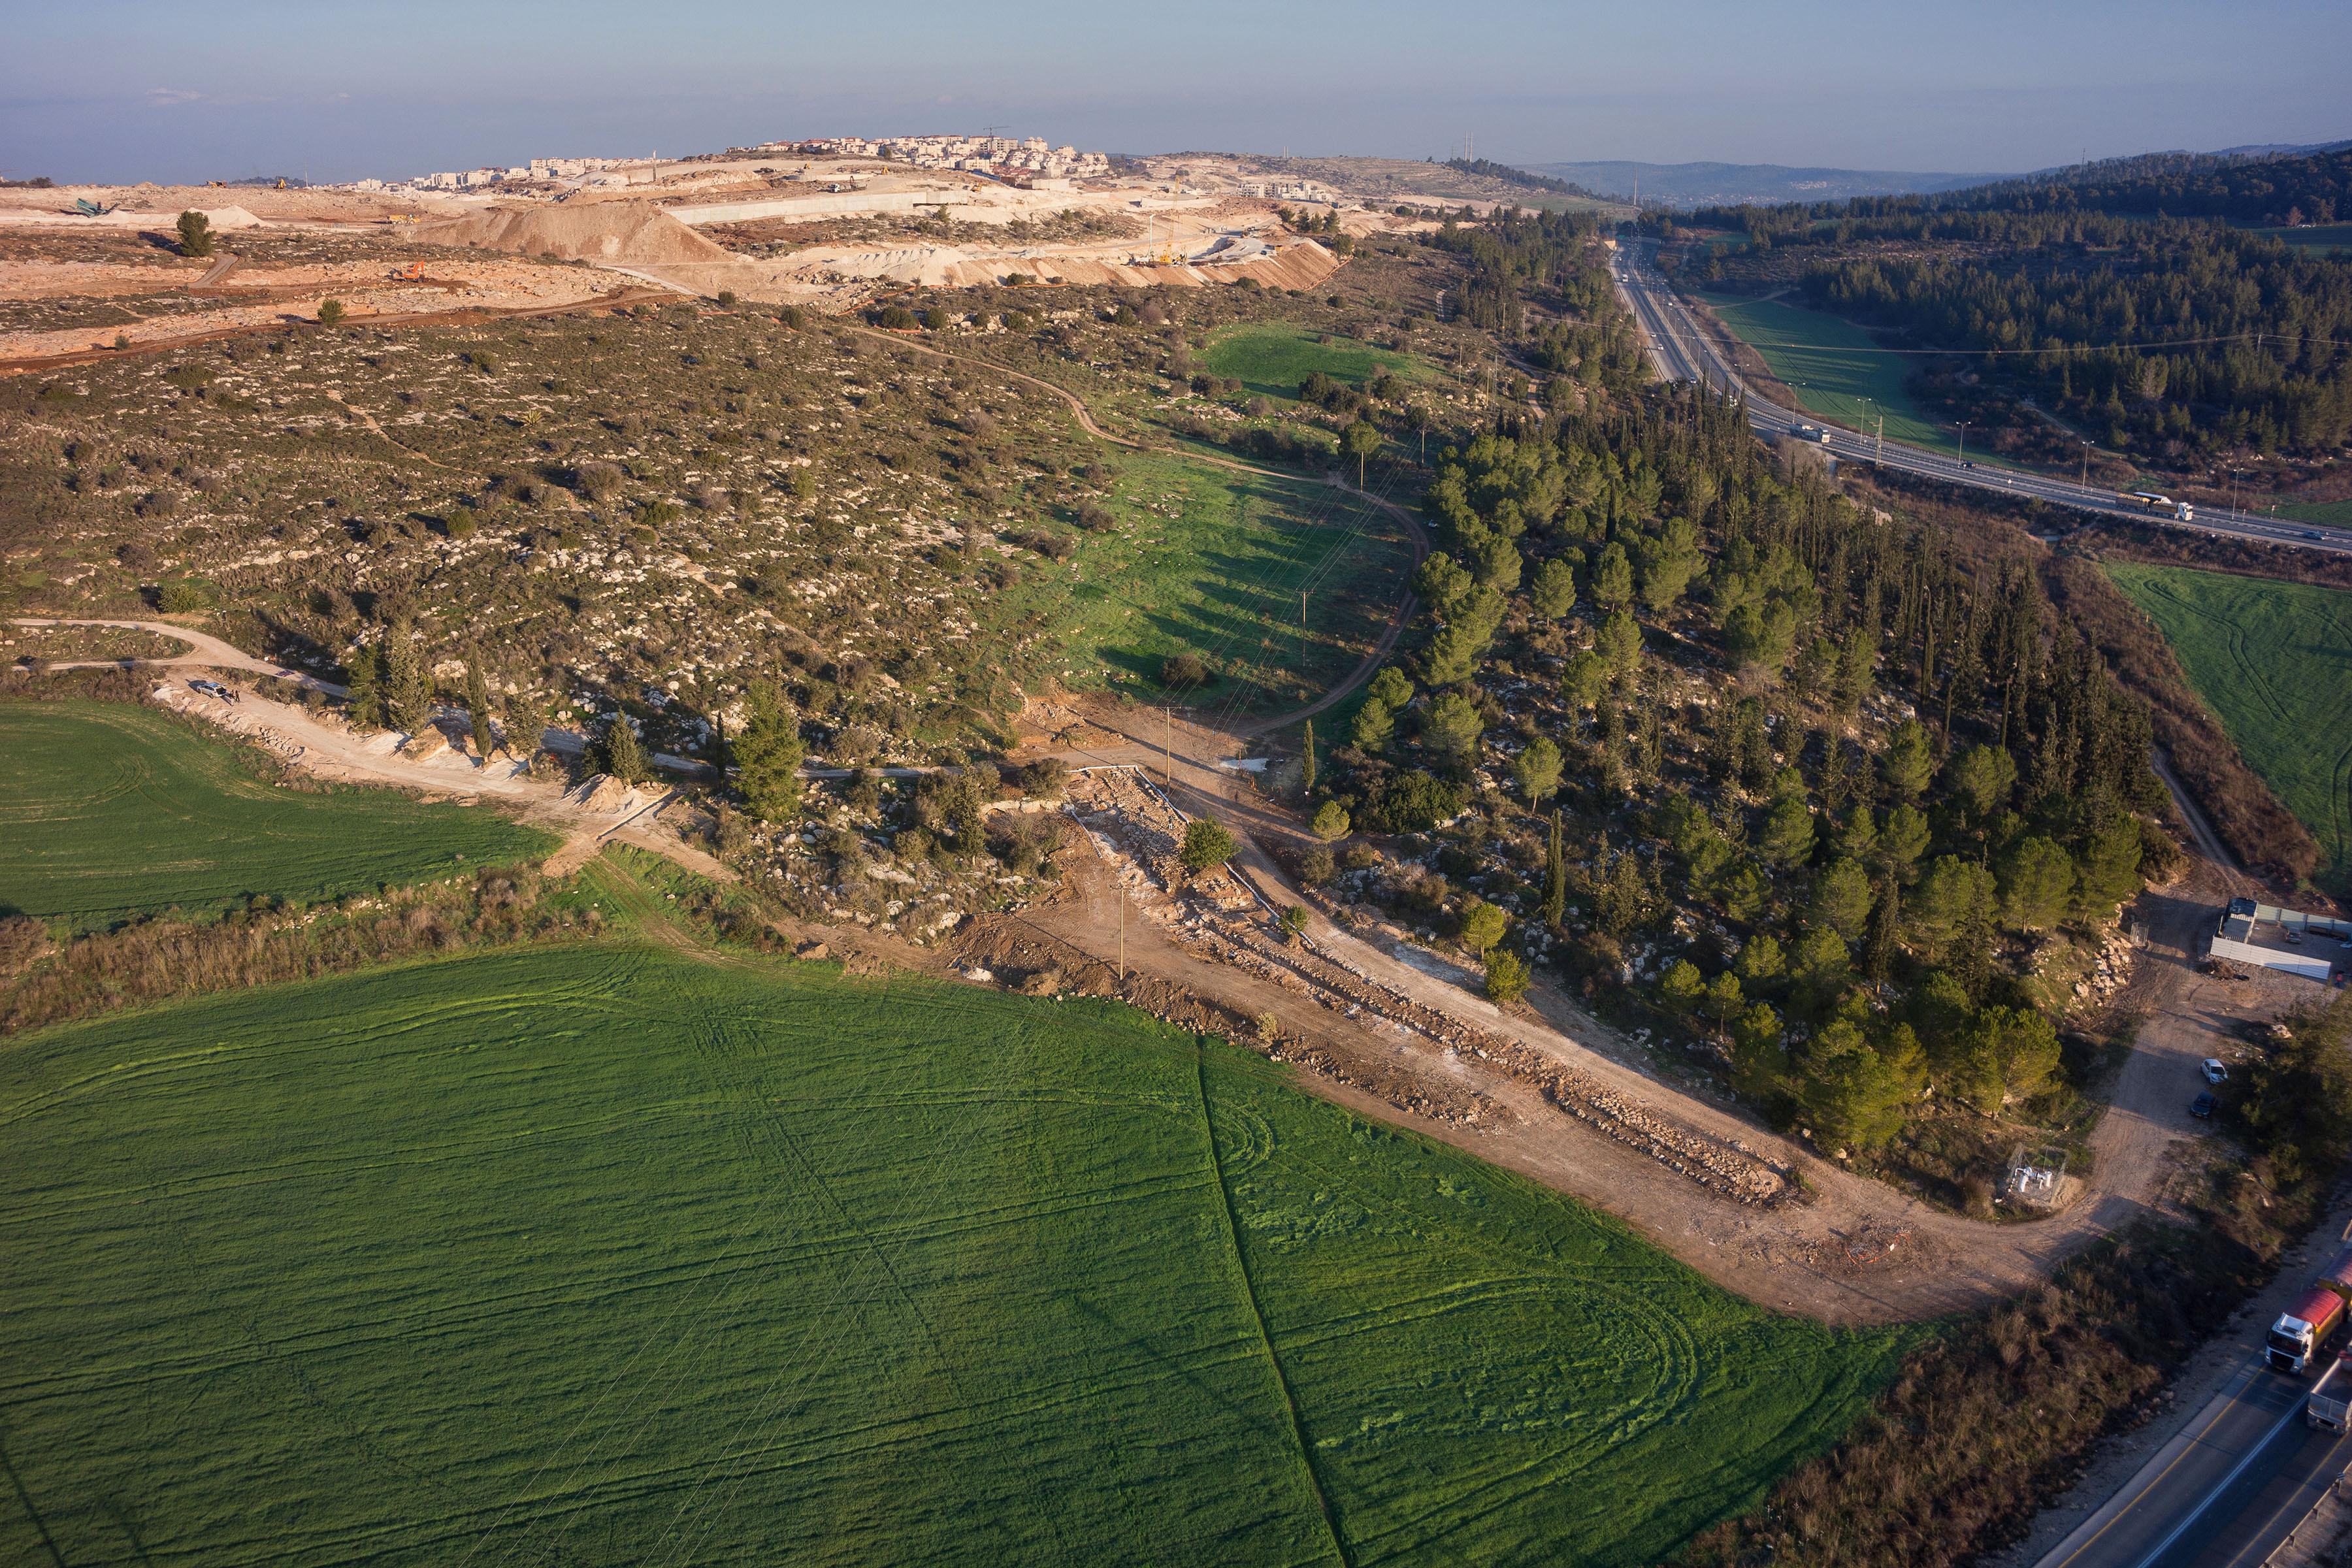 צילום אווירי של הדרך. קרדיט: חברת גריפין צילום אוירי